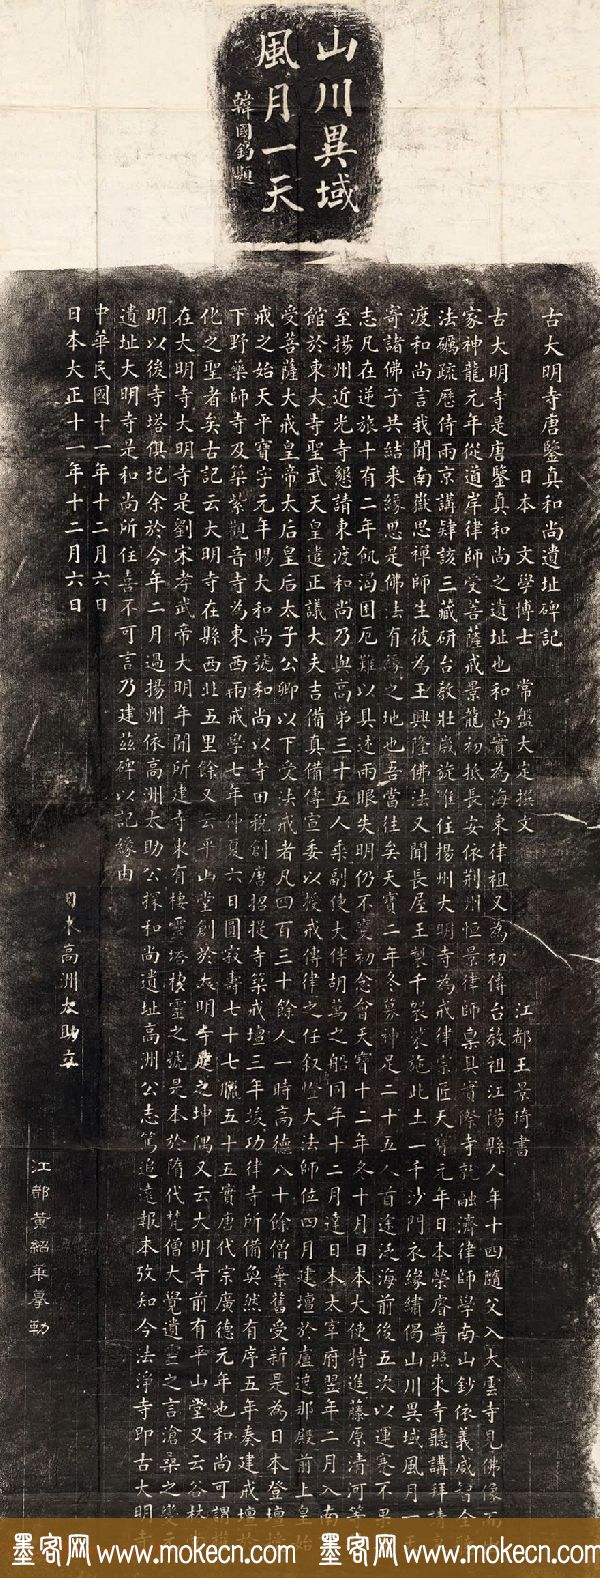 王景琦楷书《古大明寺唐鉴真和尚遗址碑记》整拓